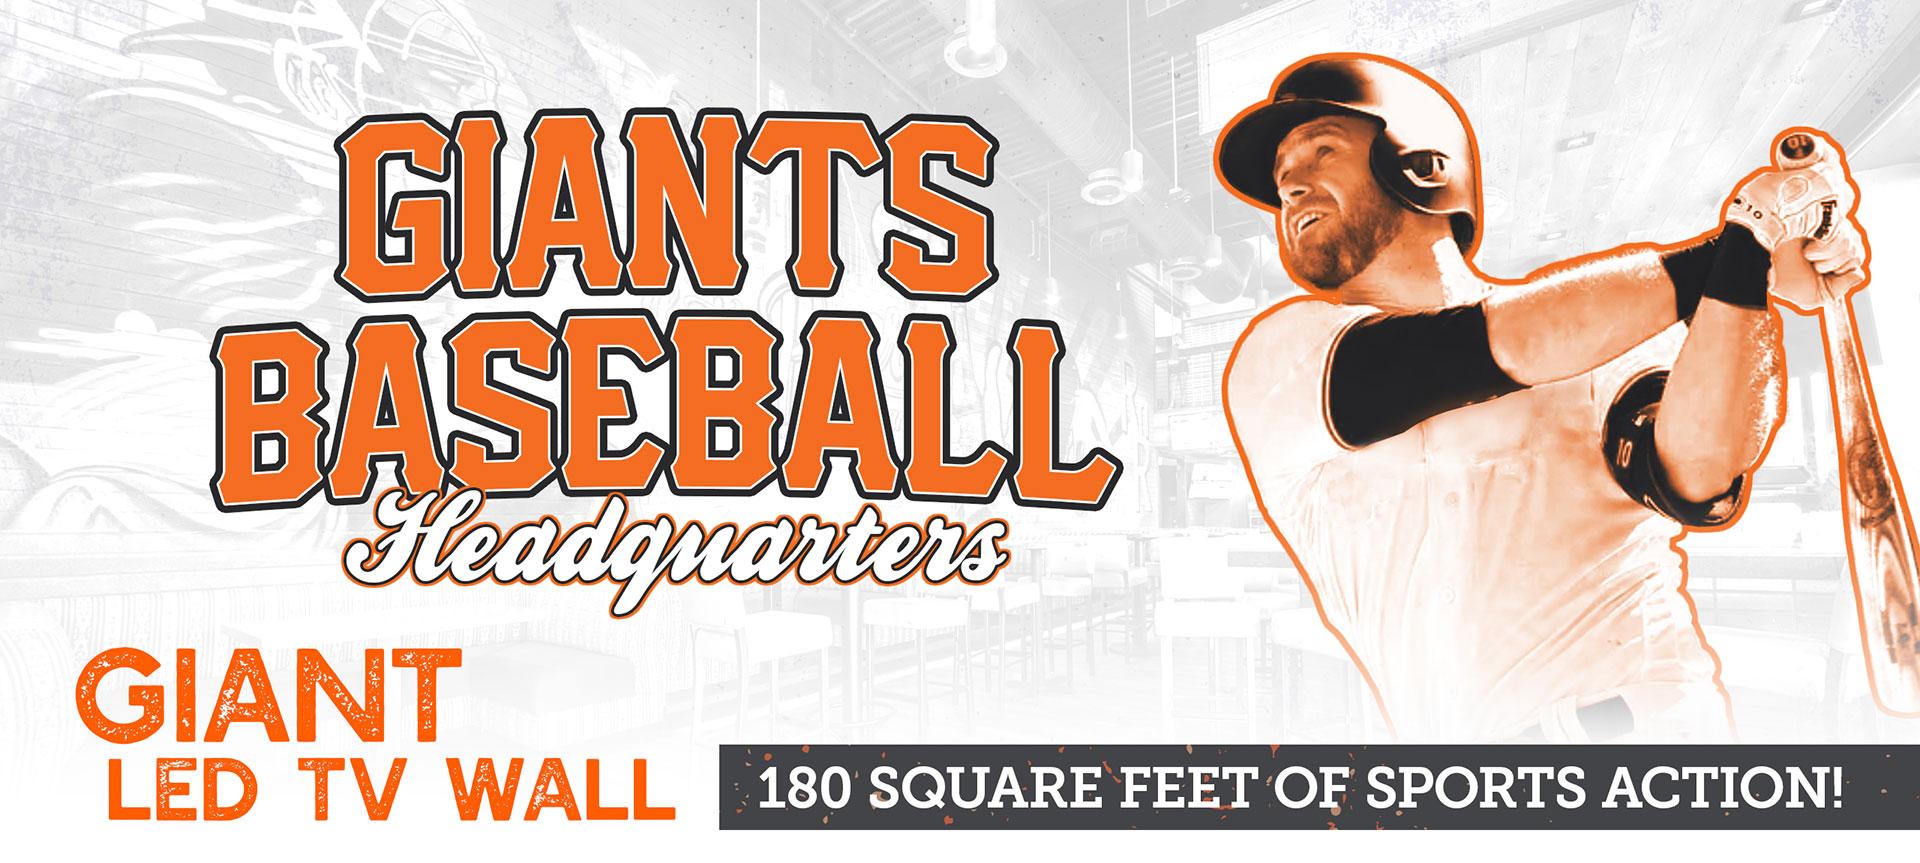 RnR-Giants-Baseball-Headquarters-Web-Banner-1920px